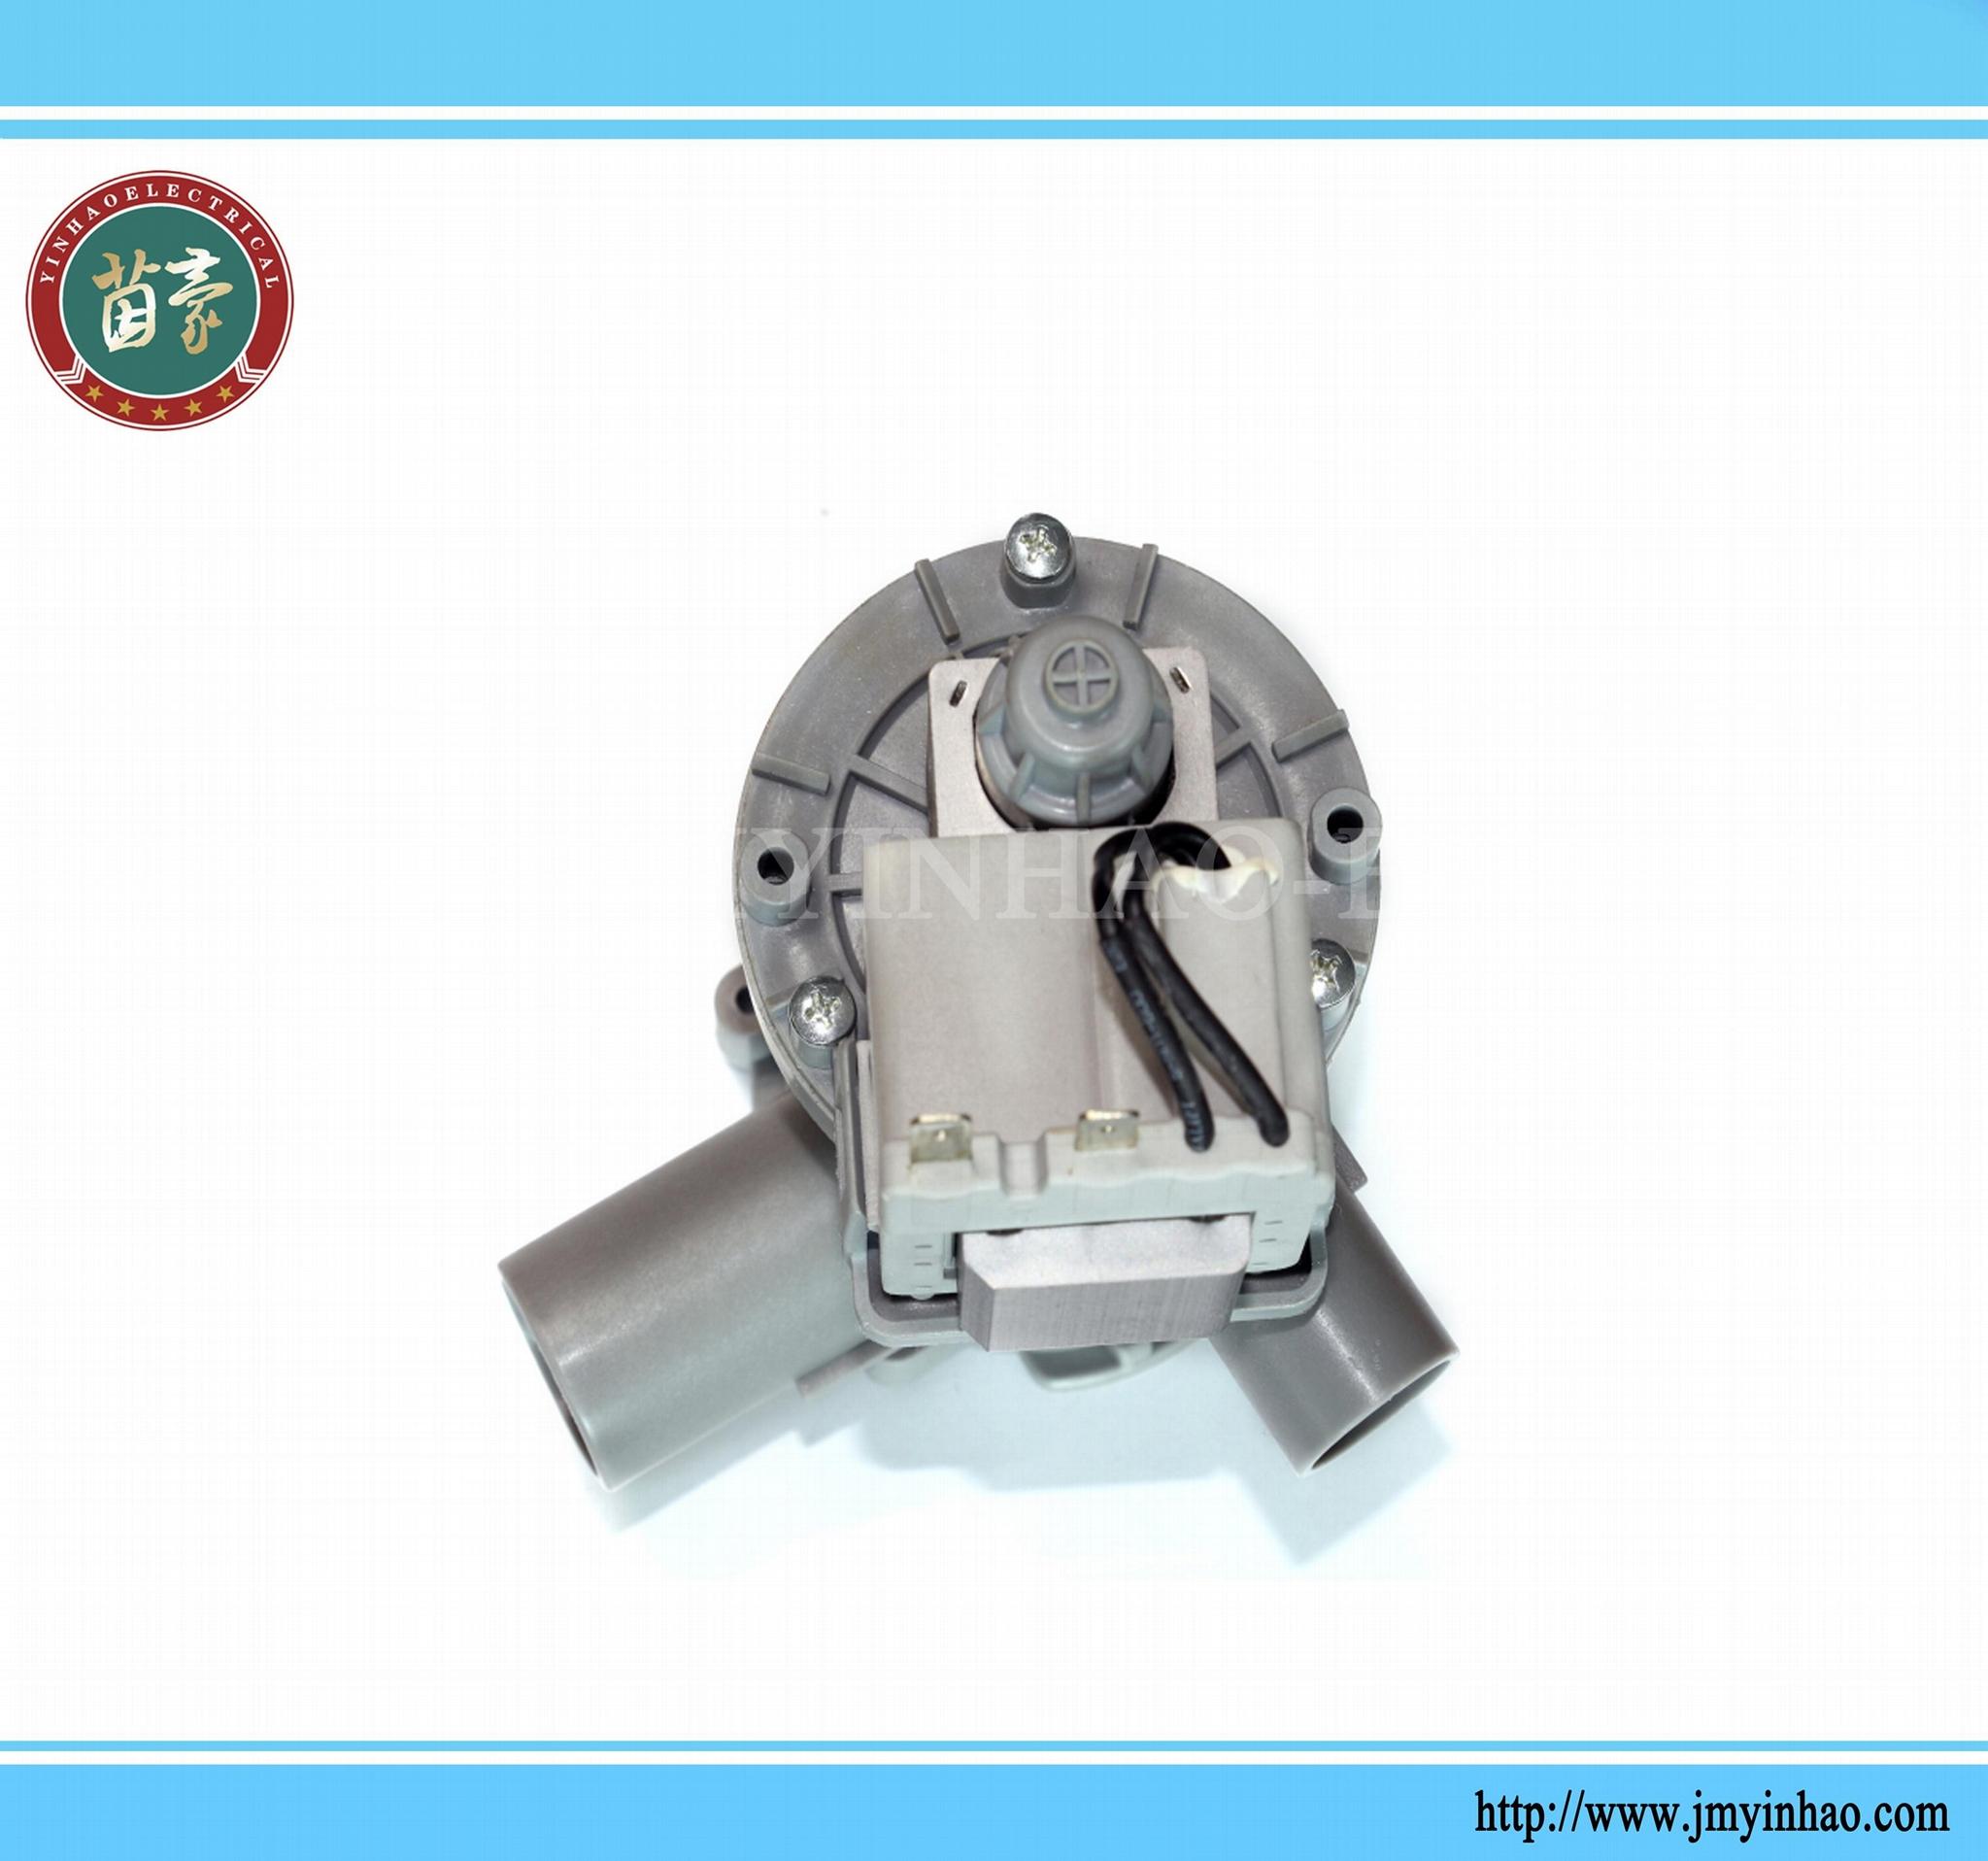 made in china 排水泵电机/洗衣机配件 4